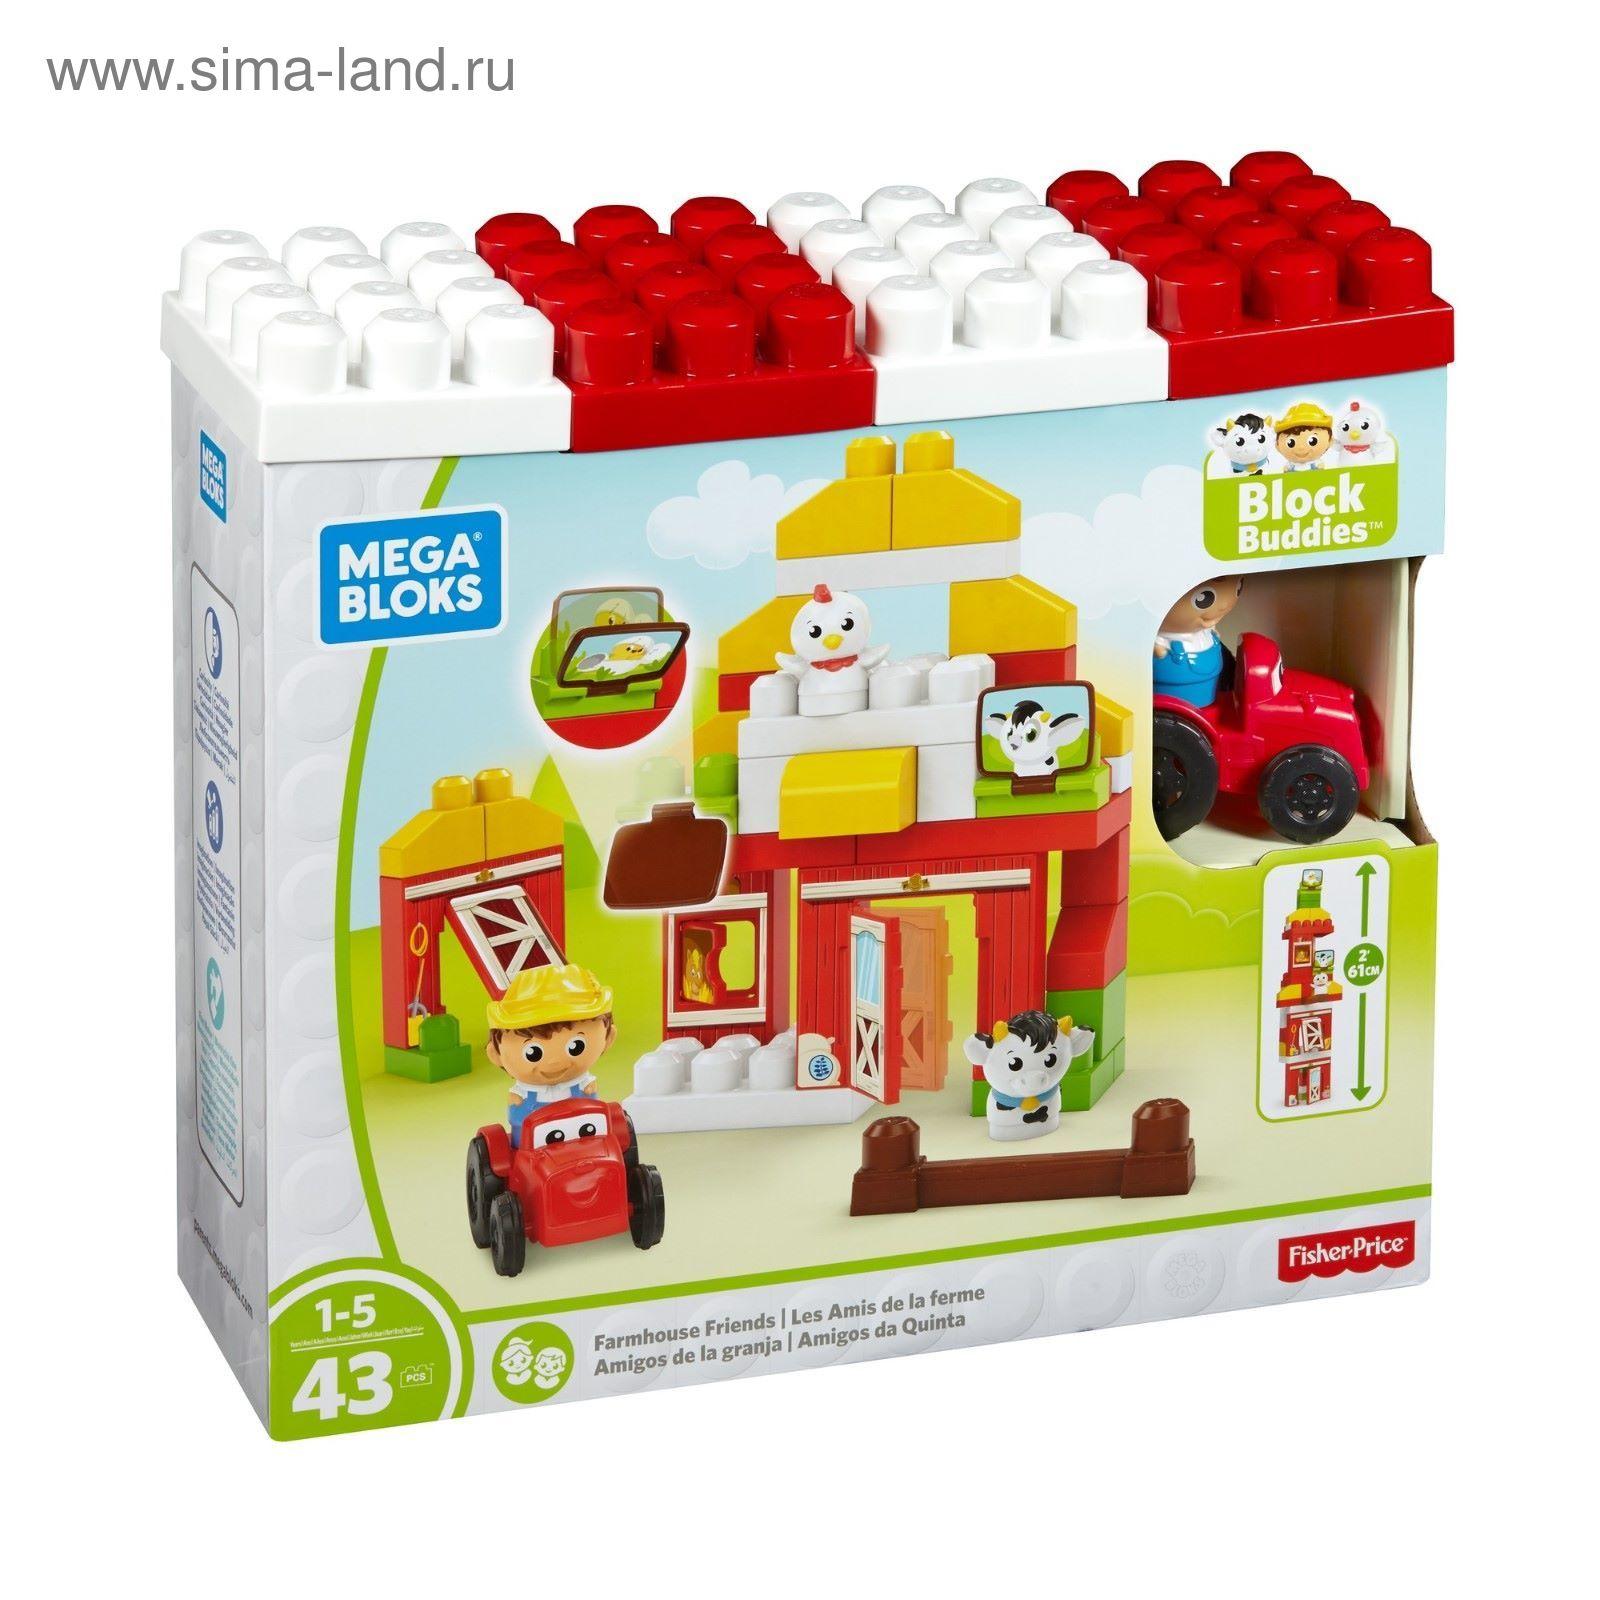 e236997d8e84 Игровой набор-конструктор «Ферма», 43 детали (2584782) - Купить по ...